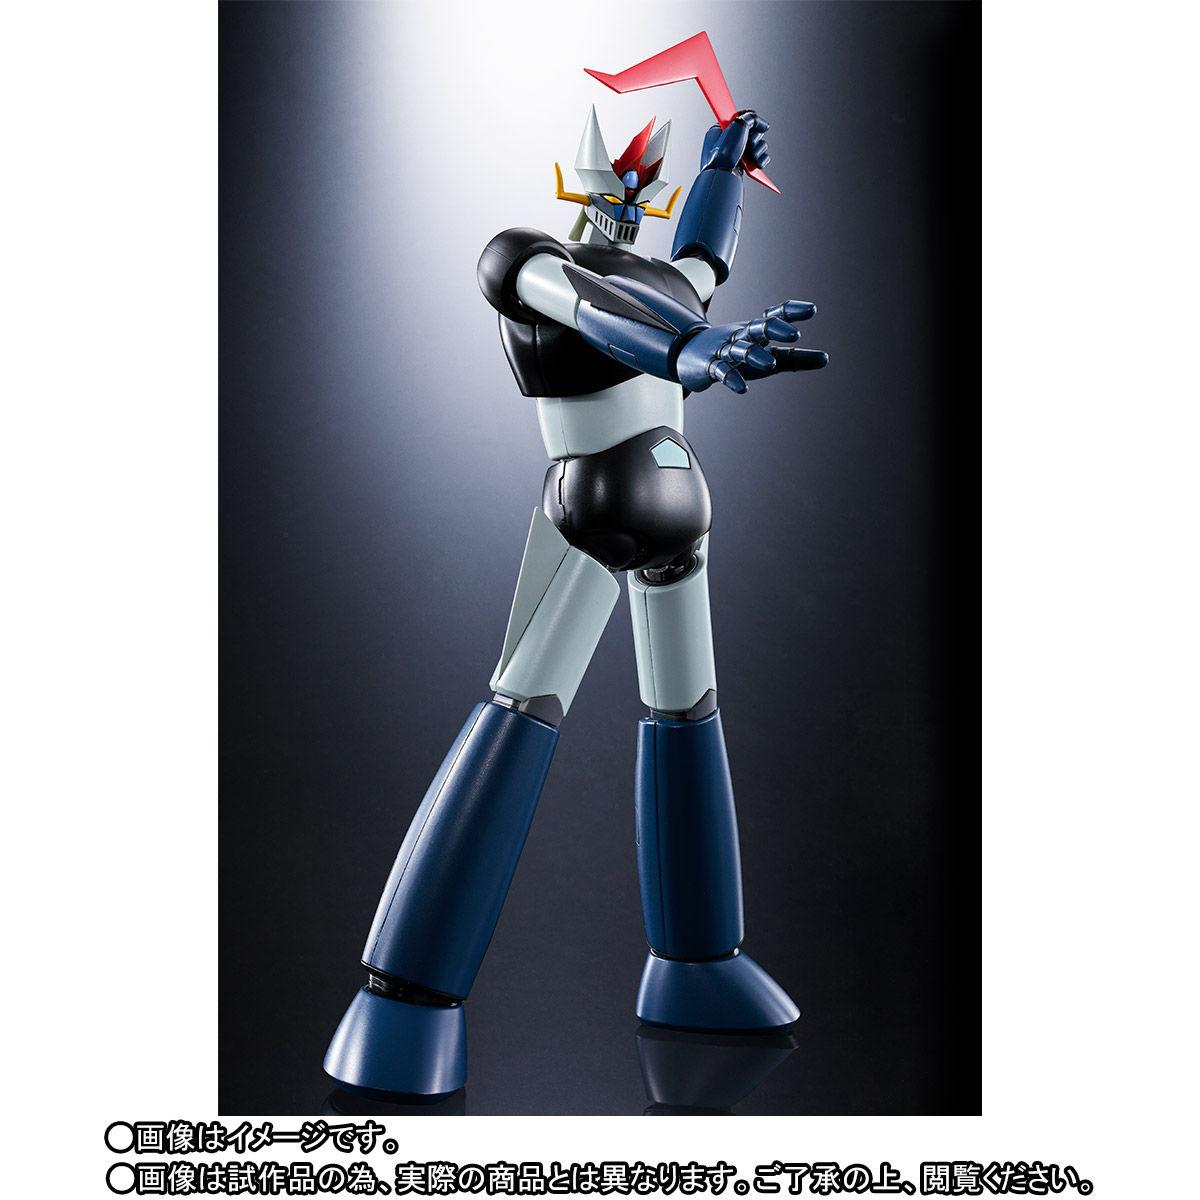 超合金魂 GX-73SP『グレートマジンガー D.C. アニメカラーバージョン』可動フィギュア-005